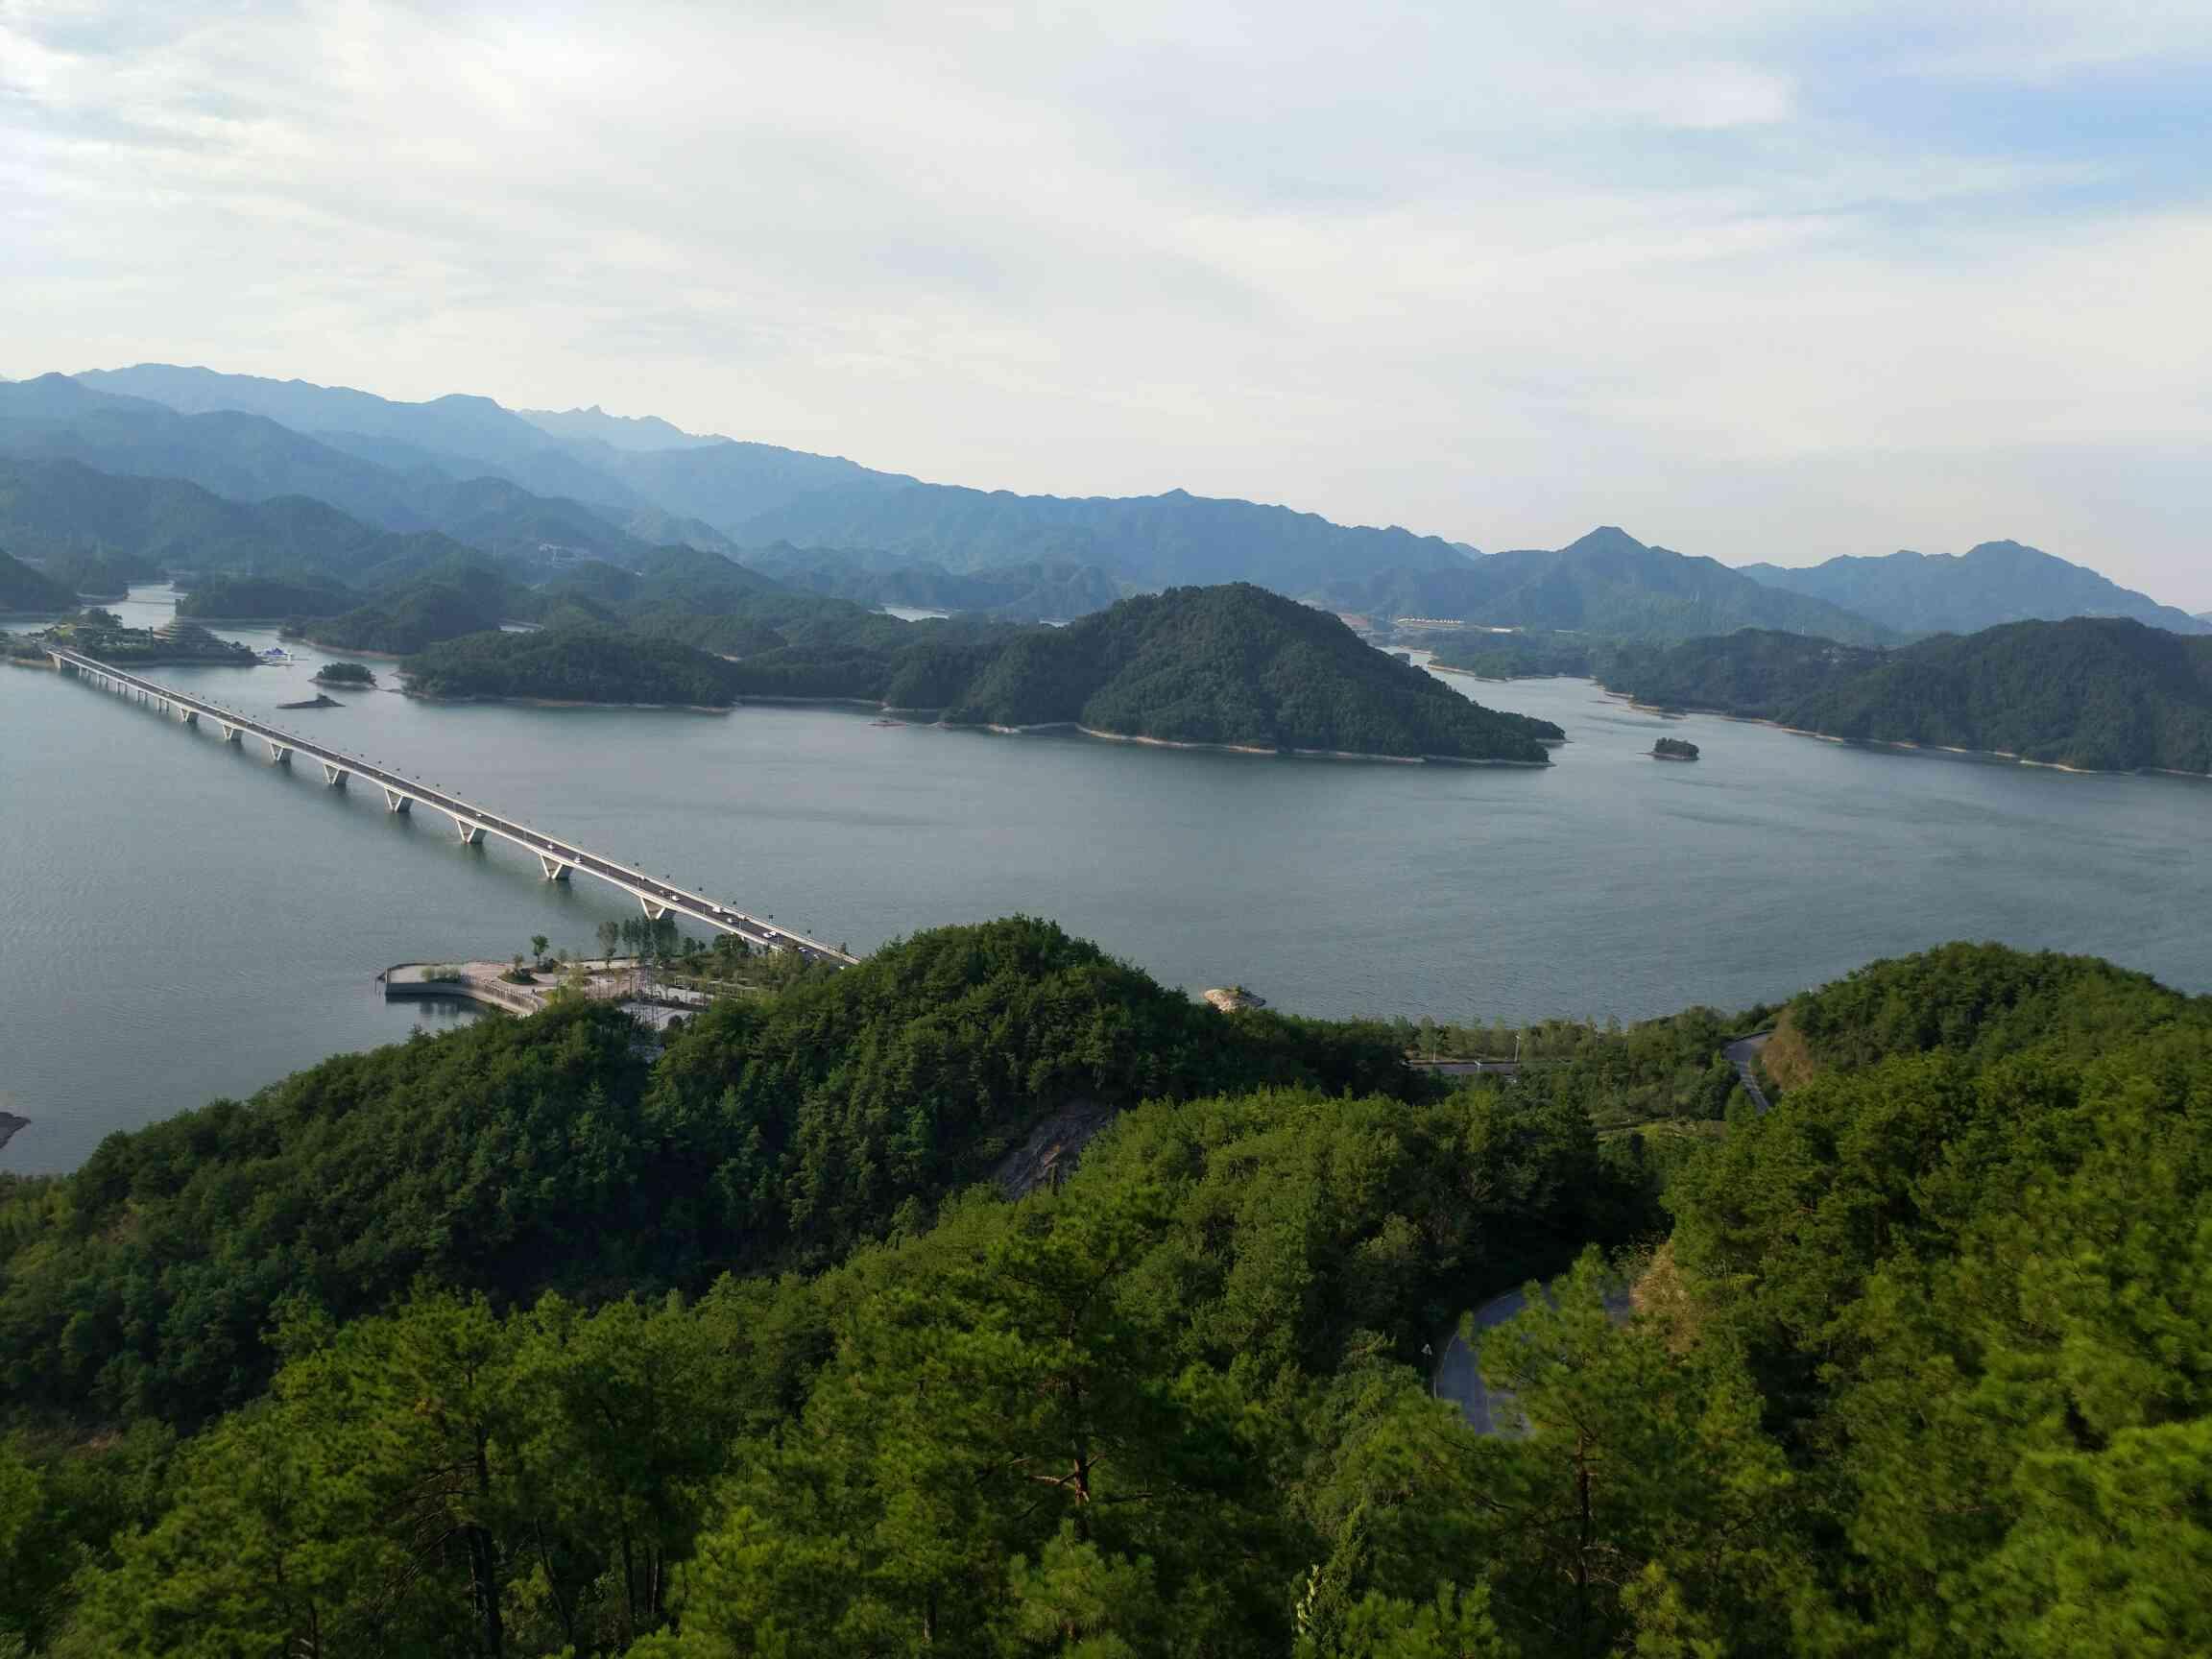 千岛湖观景台-6s